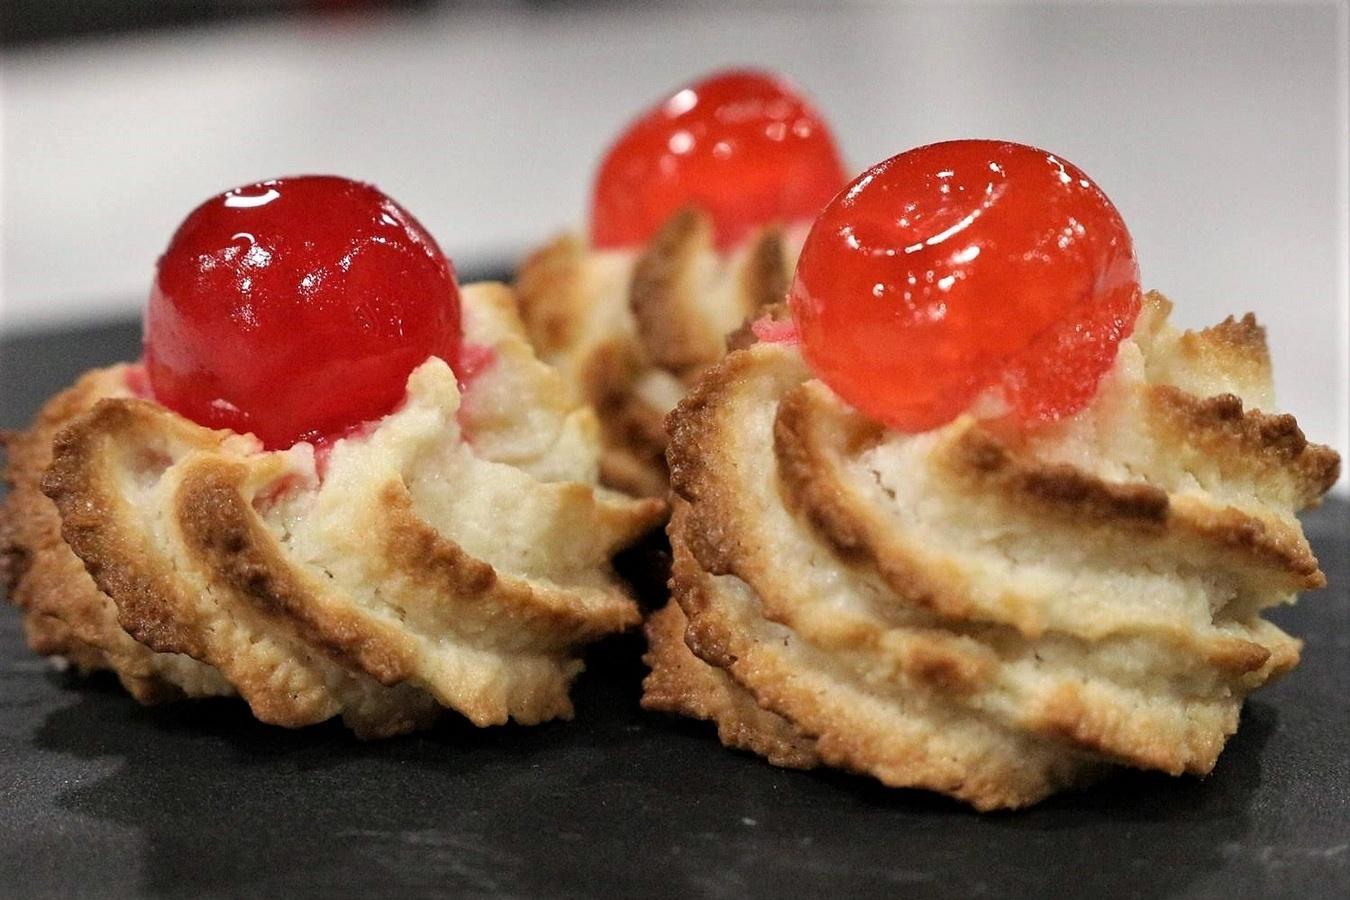 corso di pasticceria a torino pasticceria di base corso di pasticceria di base petit four la palestra del cibo scuola di cucina torino